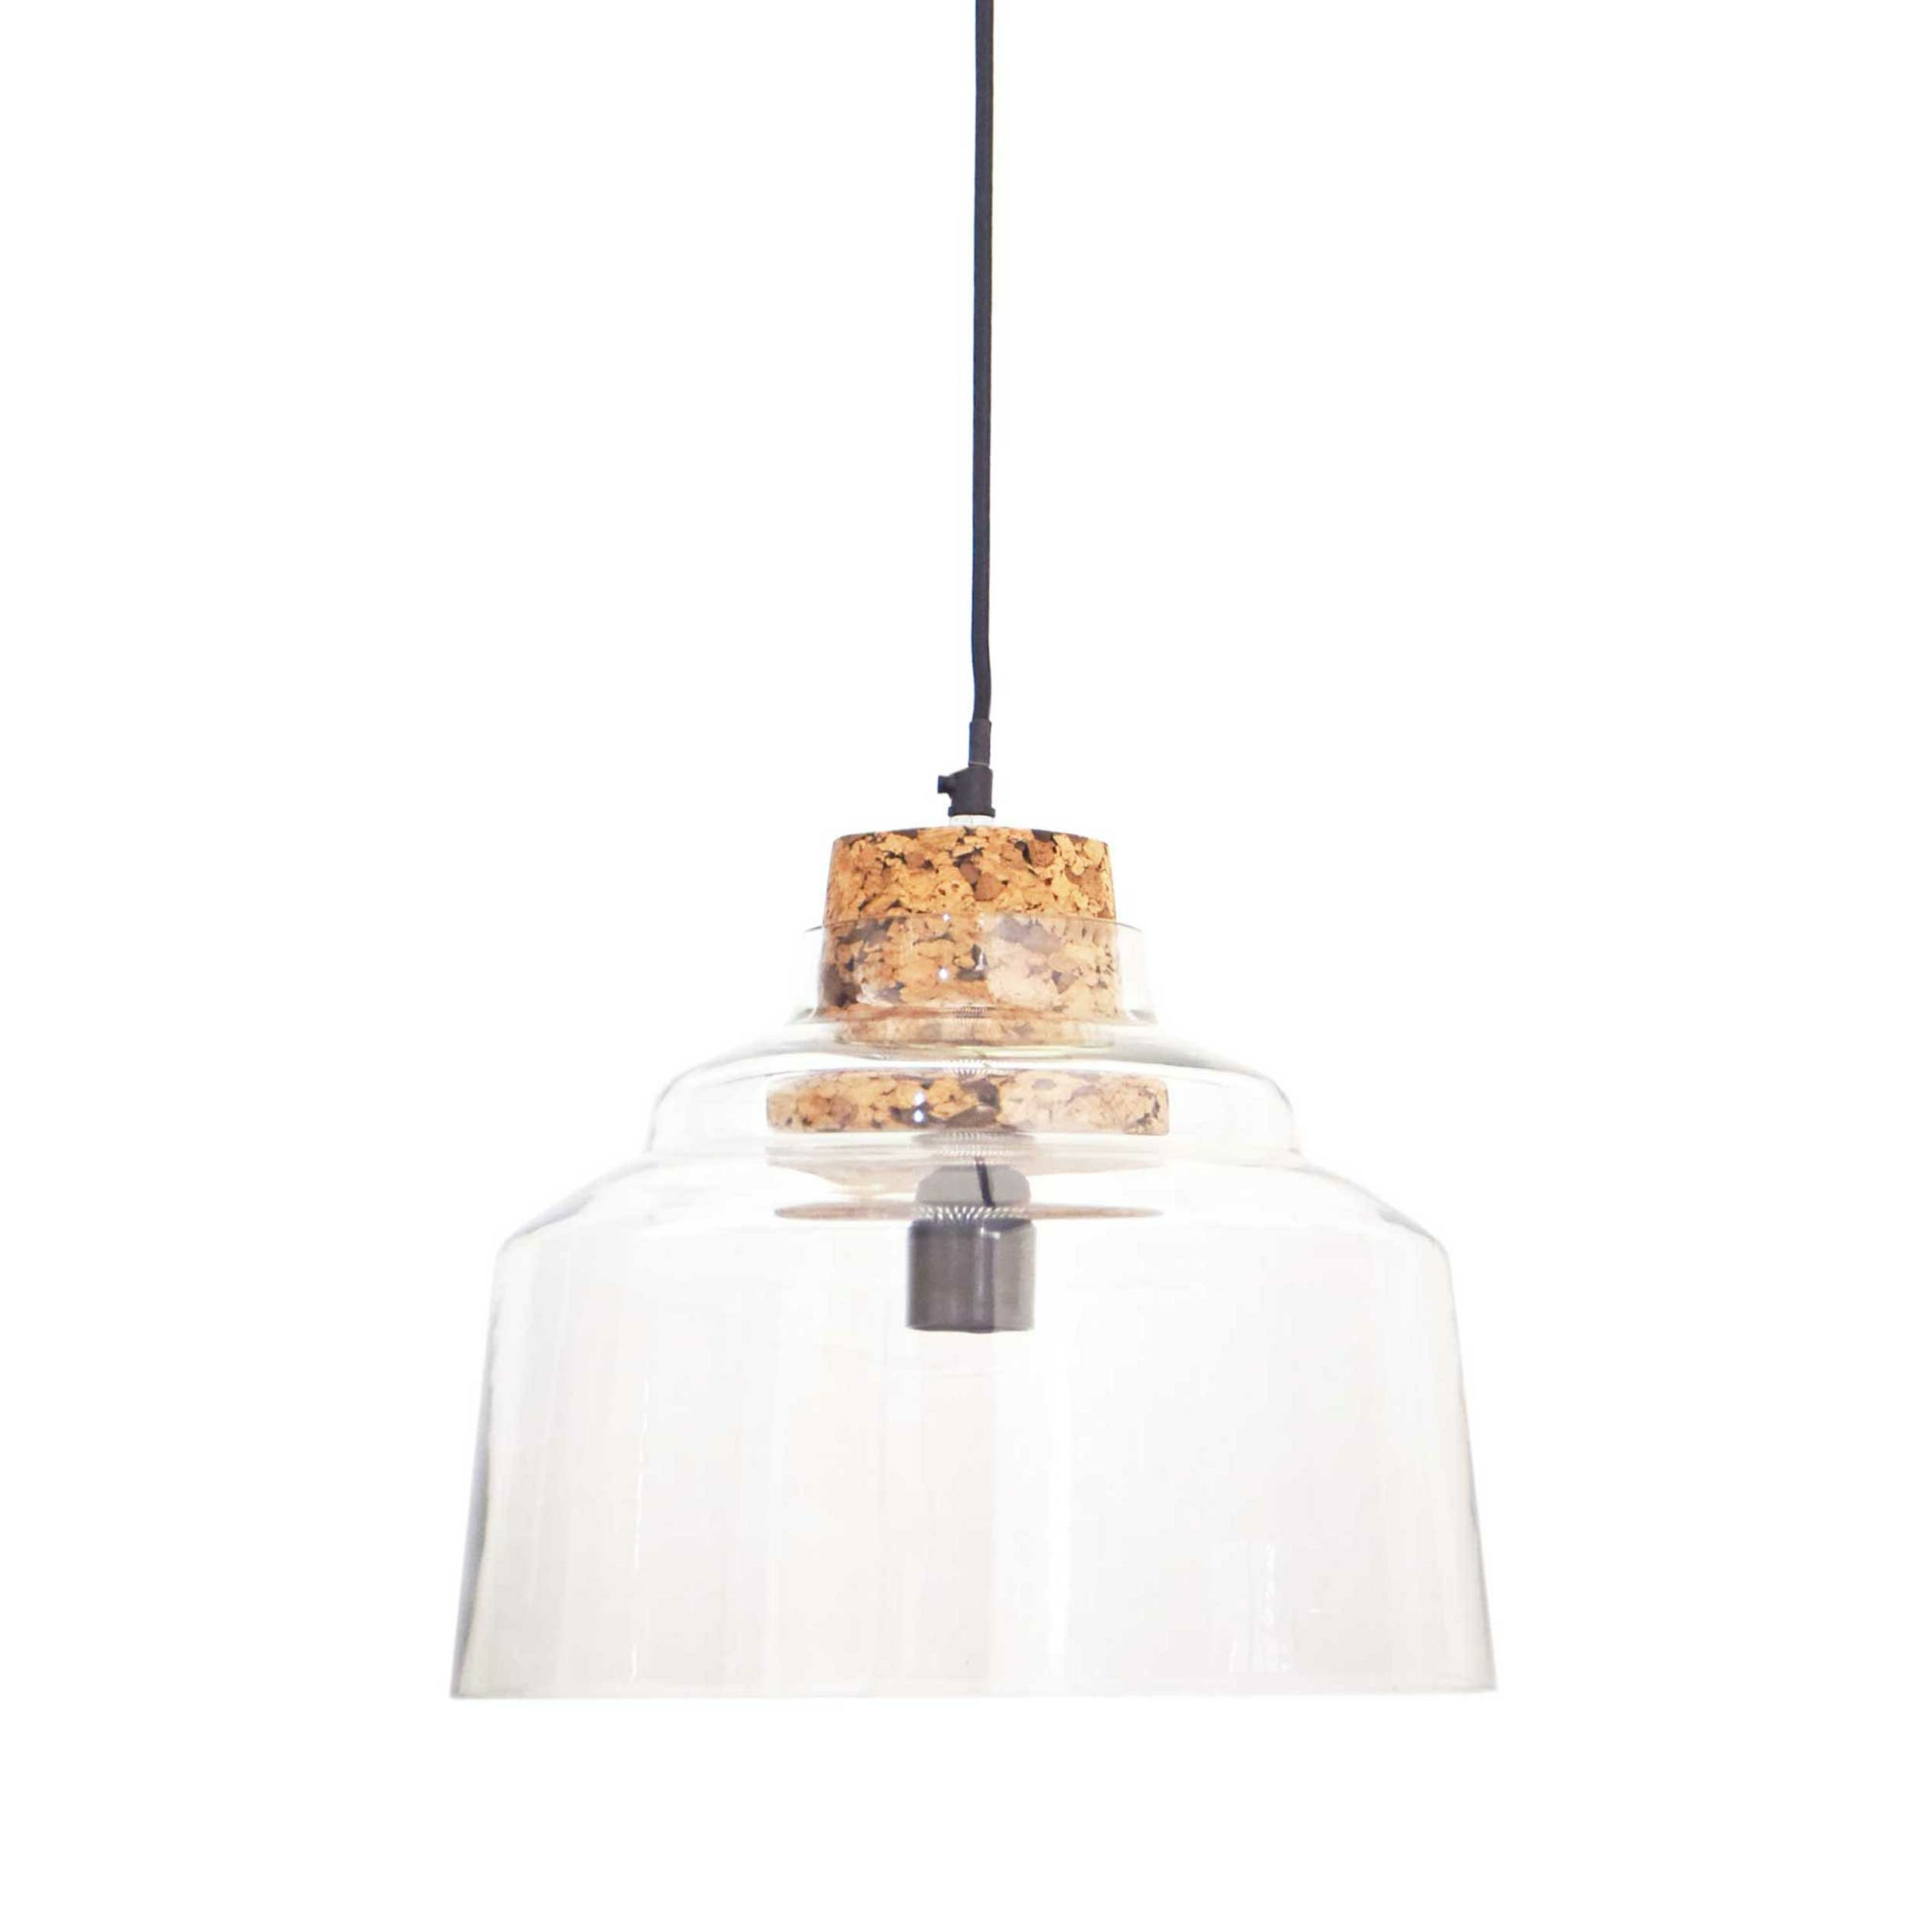 Akakios 1 Light Single Bell Pendants Within Newest Jazelle 1 Light Single Bell Pendant (View 10 of 25)